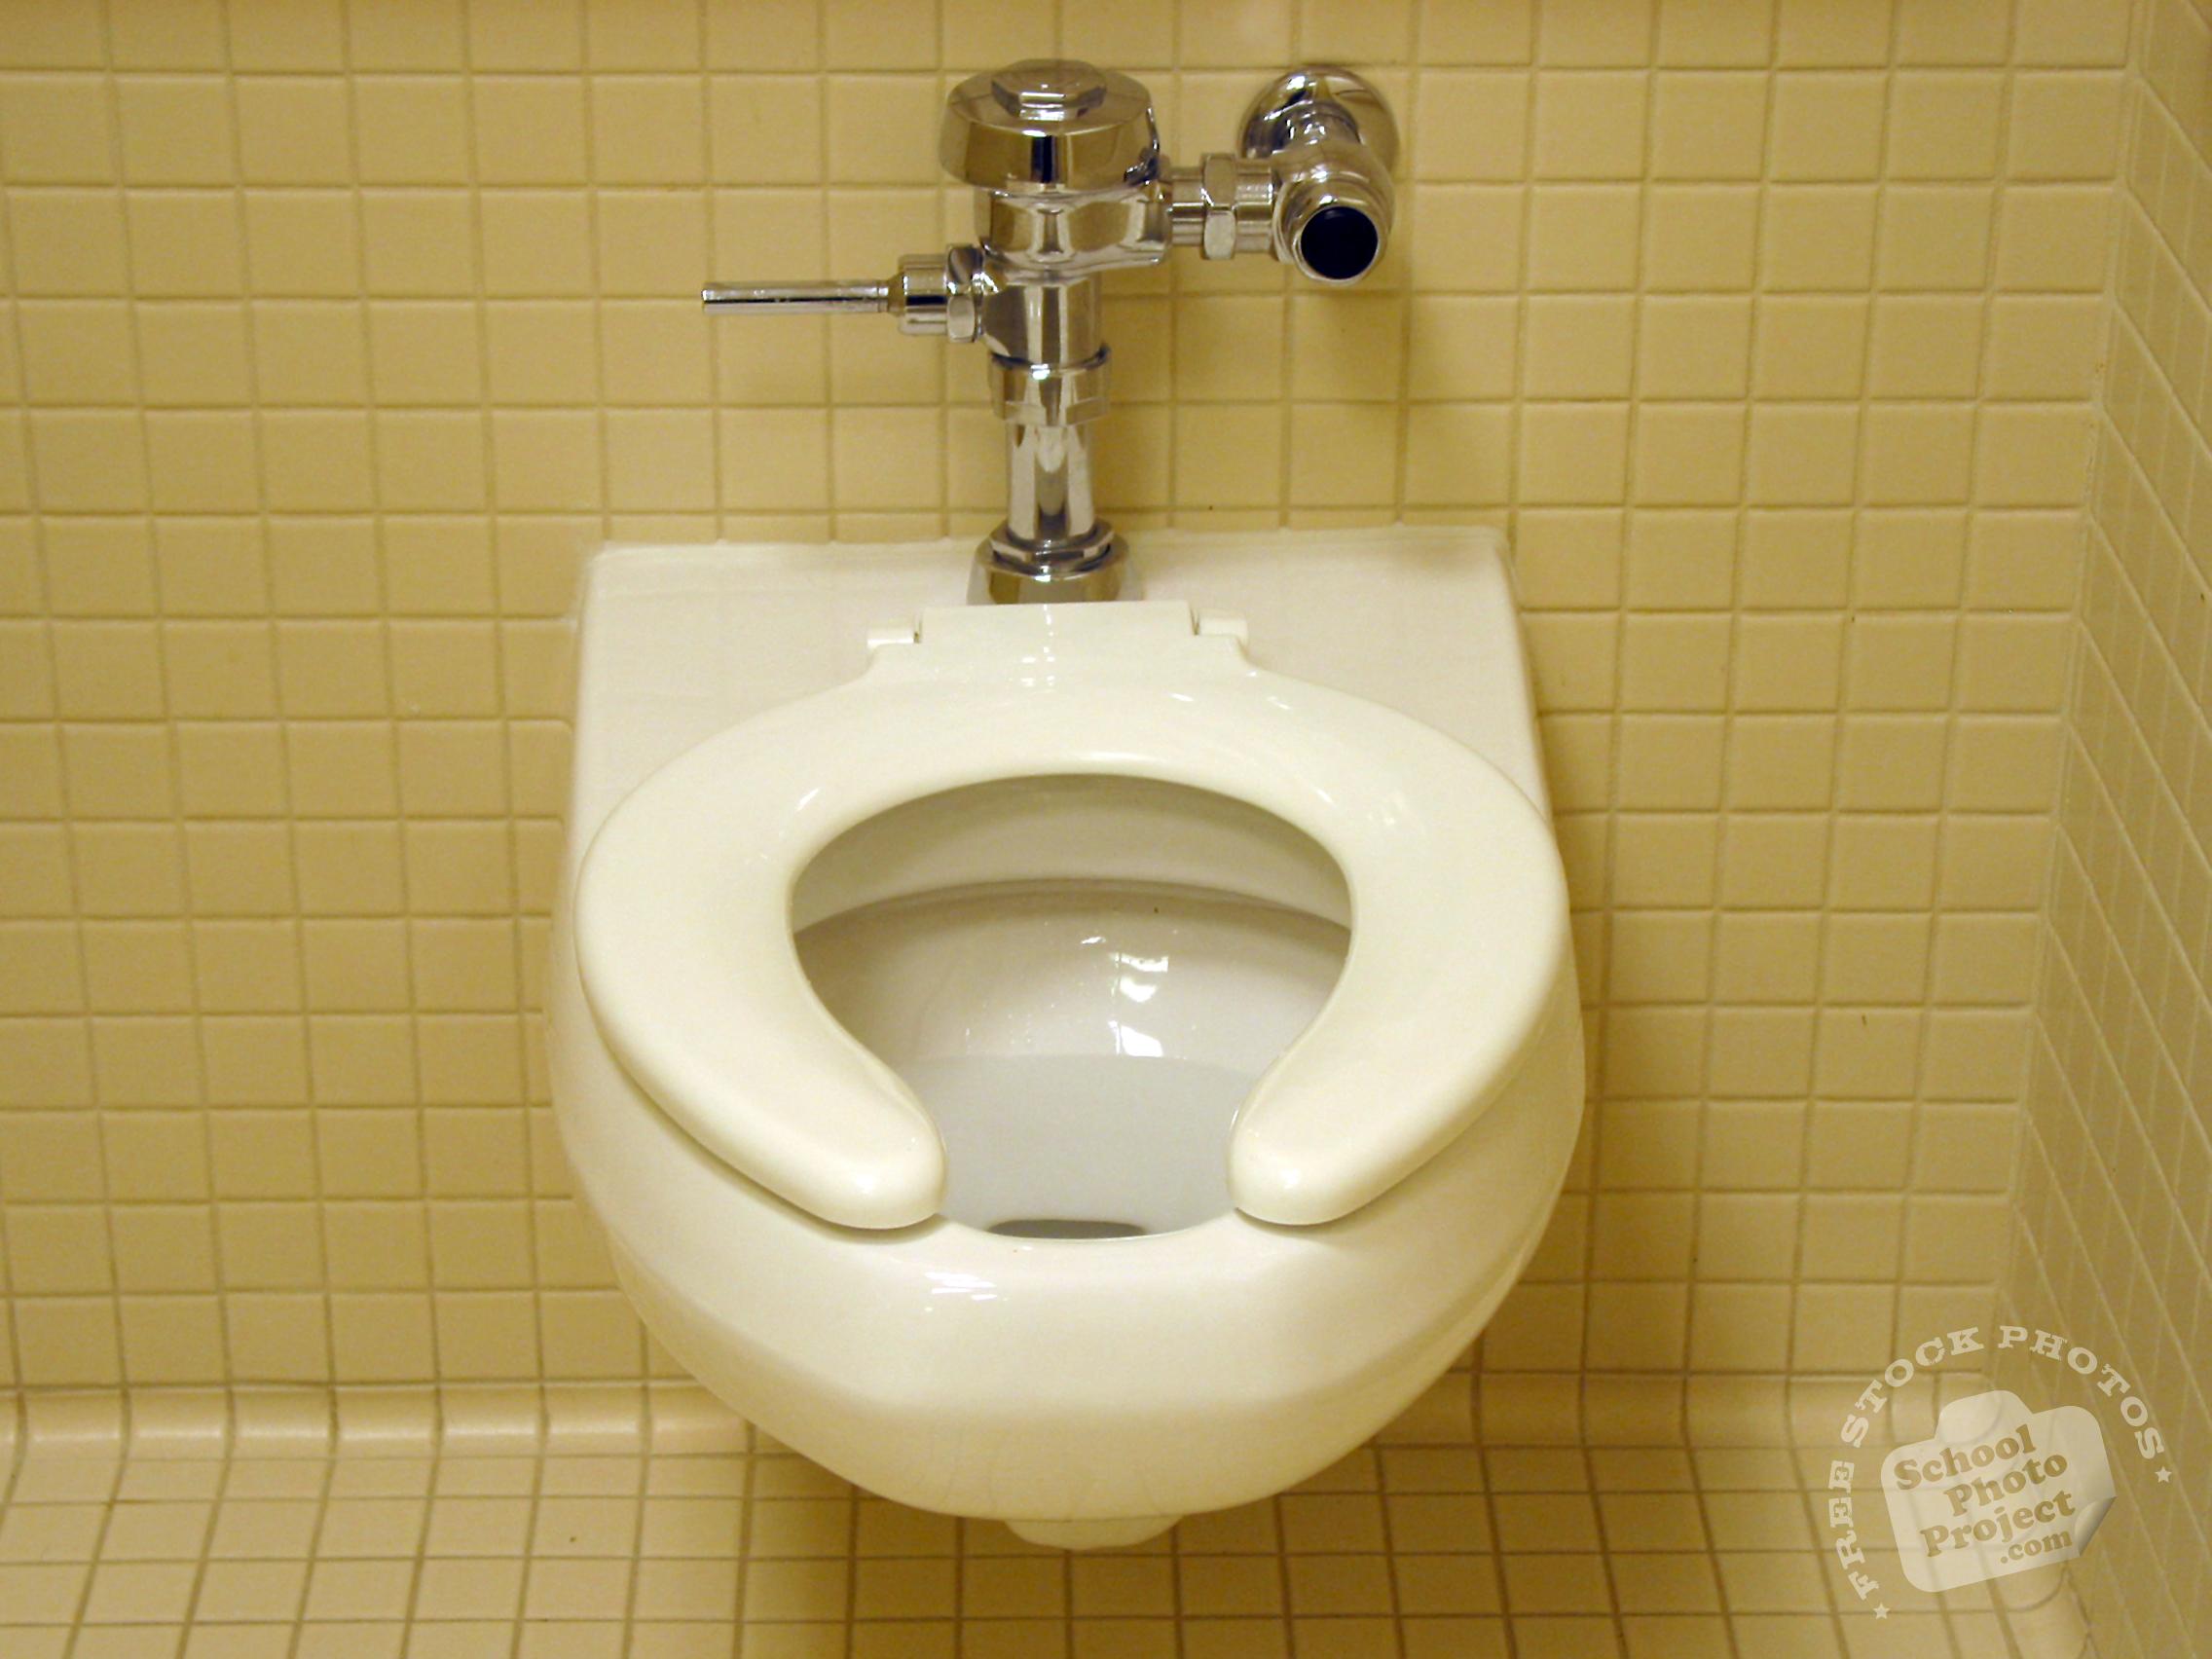 Toilet Bowl, FREE Stock Photo, Image, Picture: Flush Toilet Bowl ...